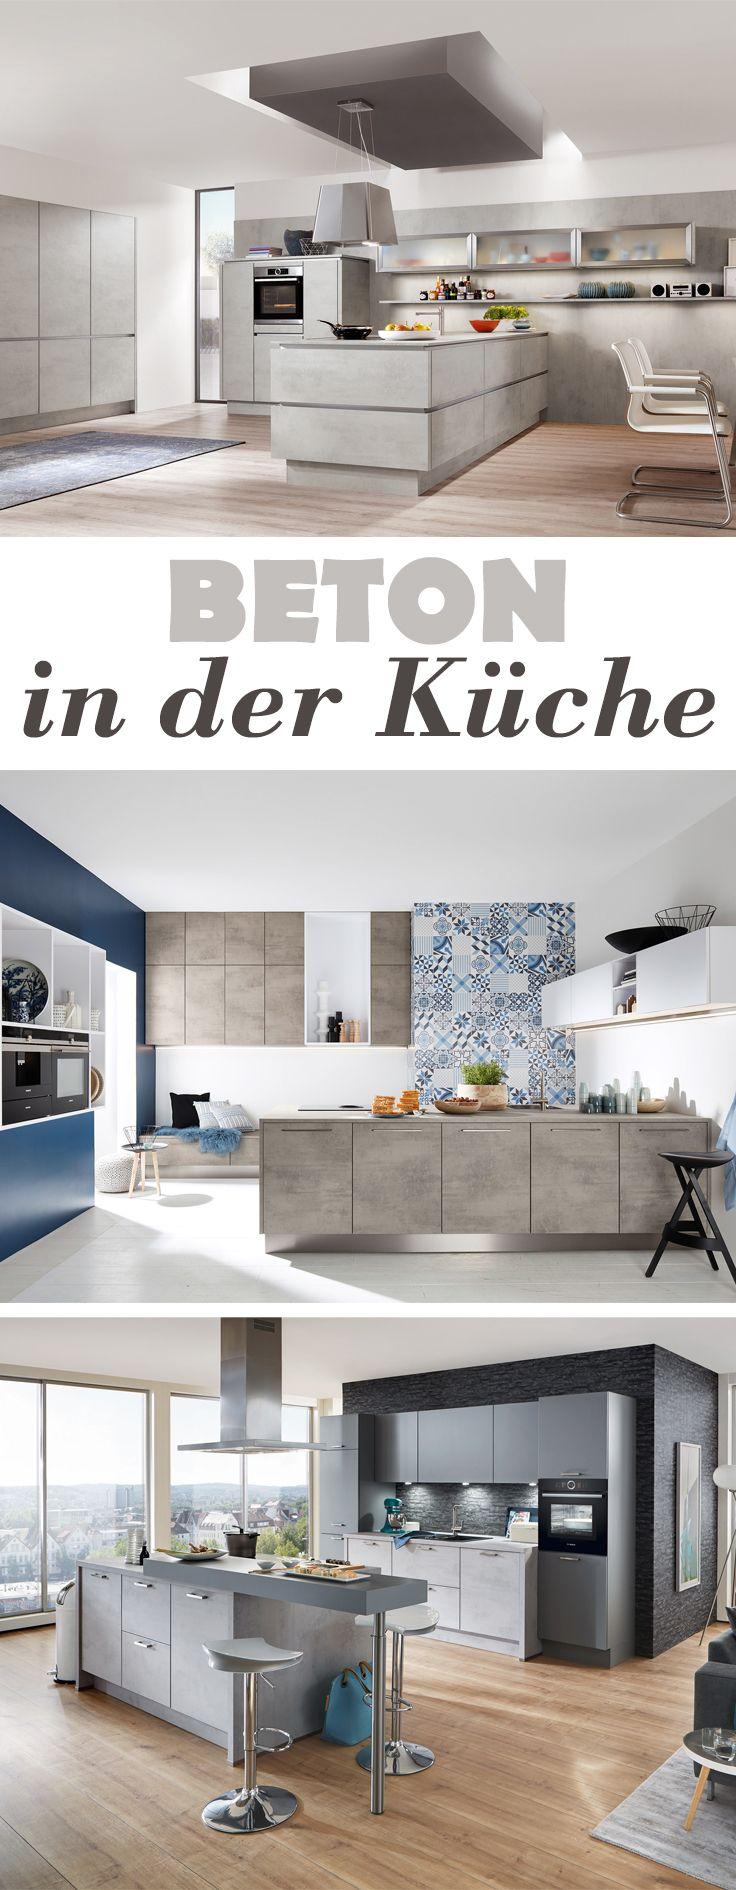 Arbeitsplatte Kunststoff beton zieht in unsere küchen fronten und arbeitsplatten können